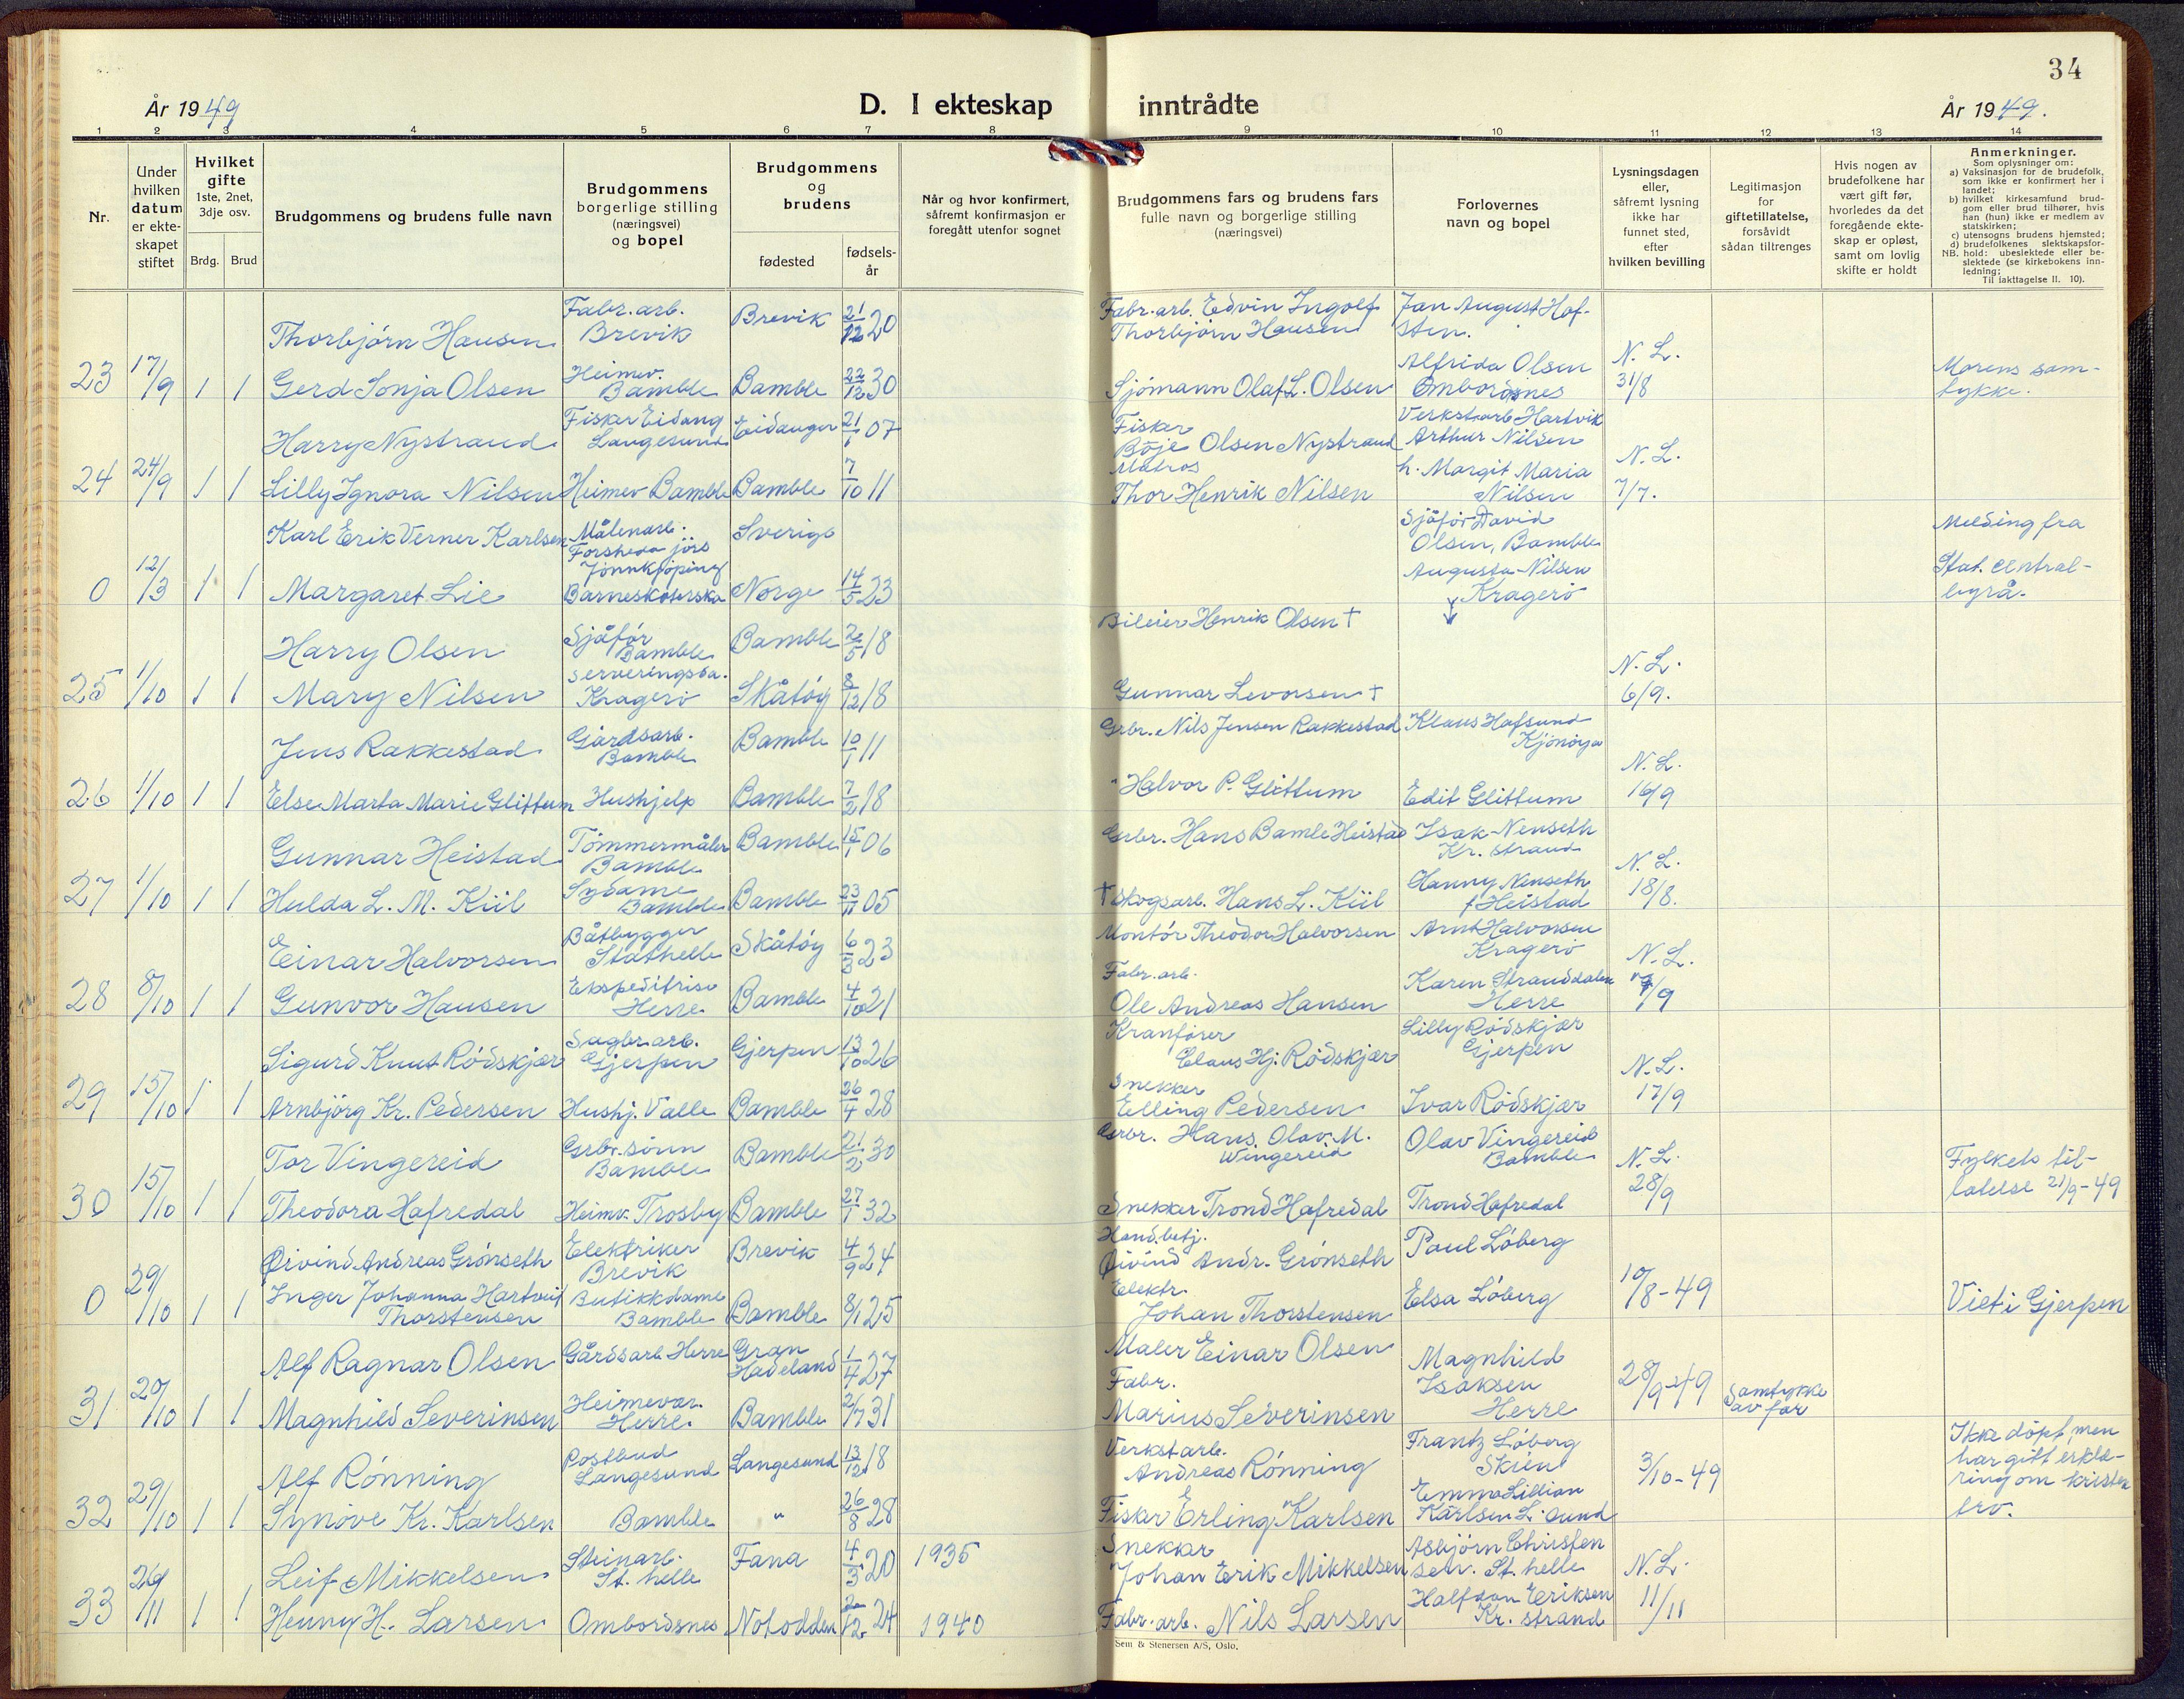 SAKO, Bamble kirkebøker, G/Ga/L0013: Klokkerbok nr. I 13, 1941-1949, s. 34